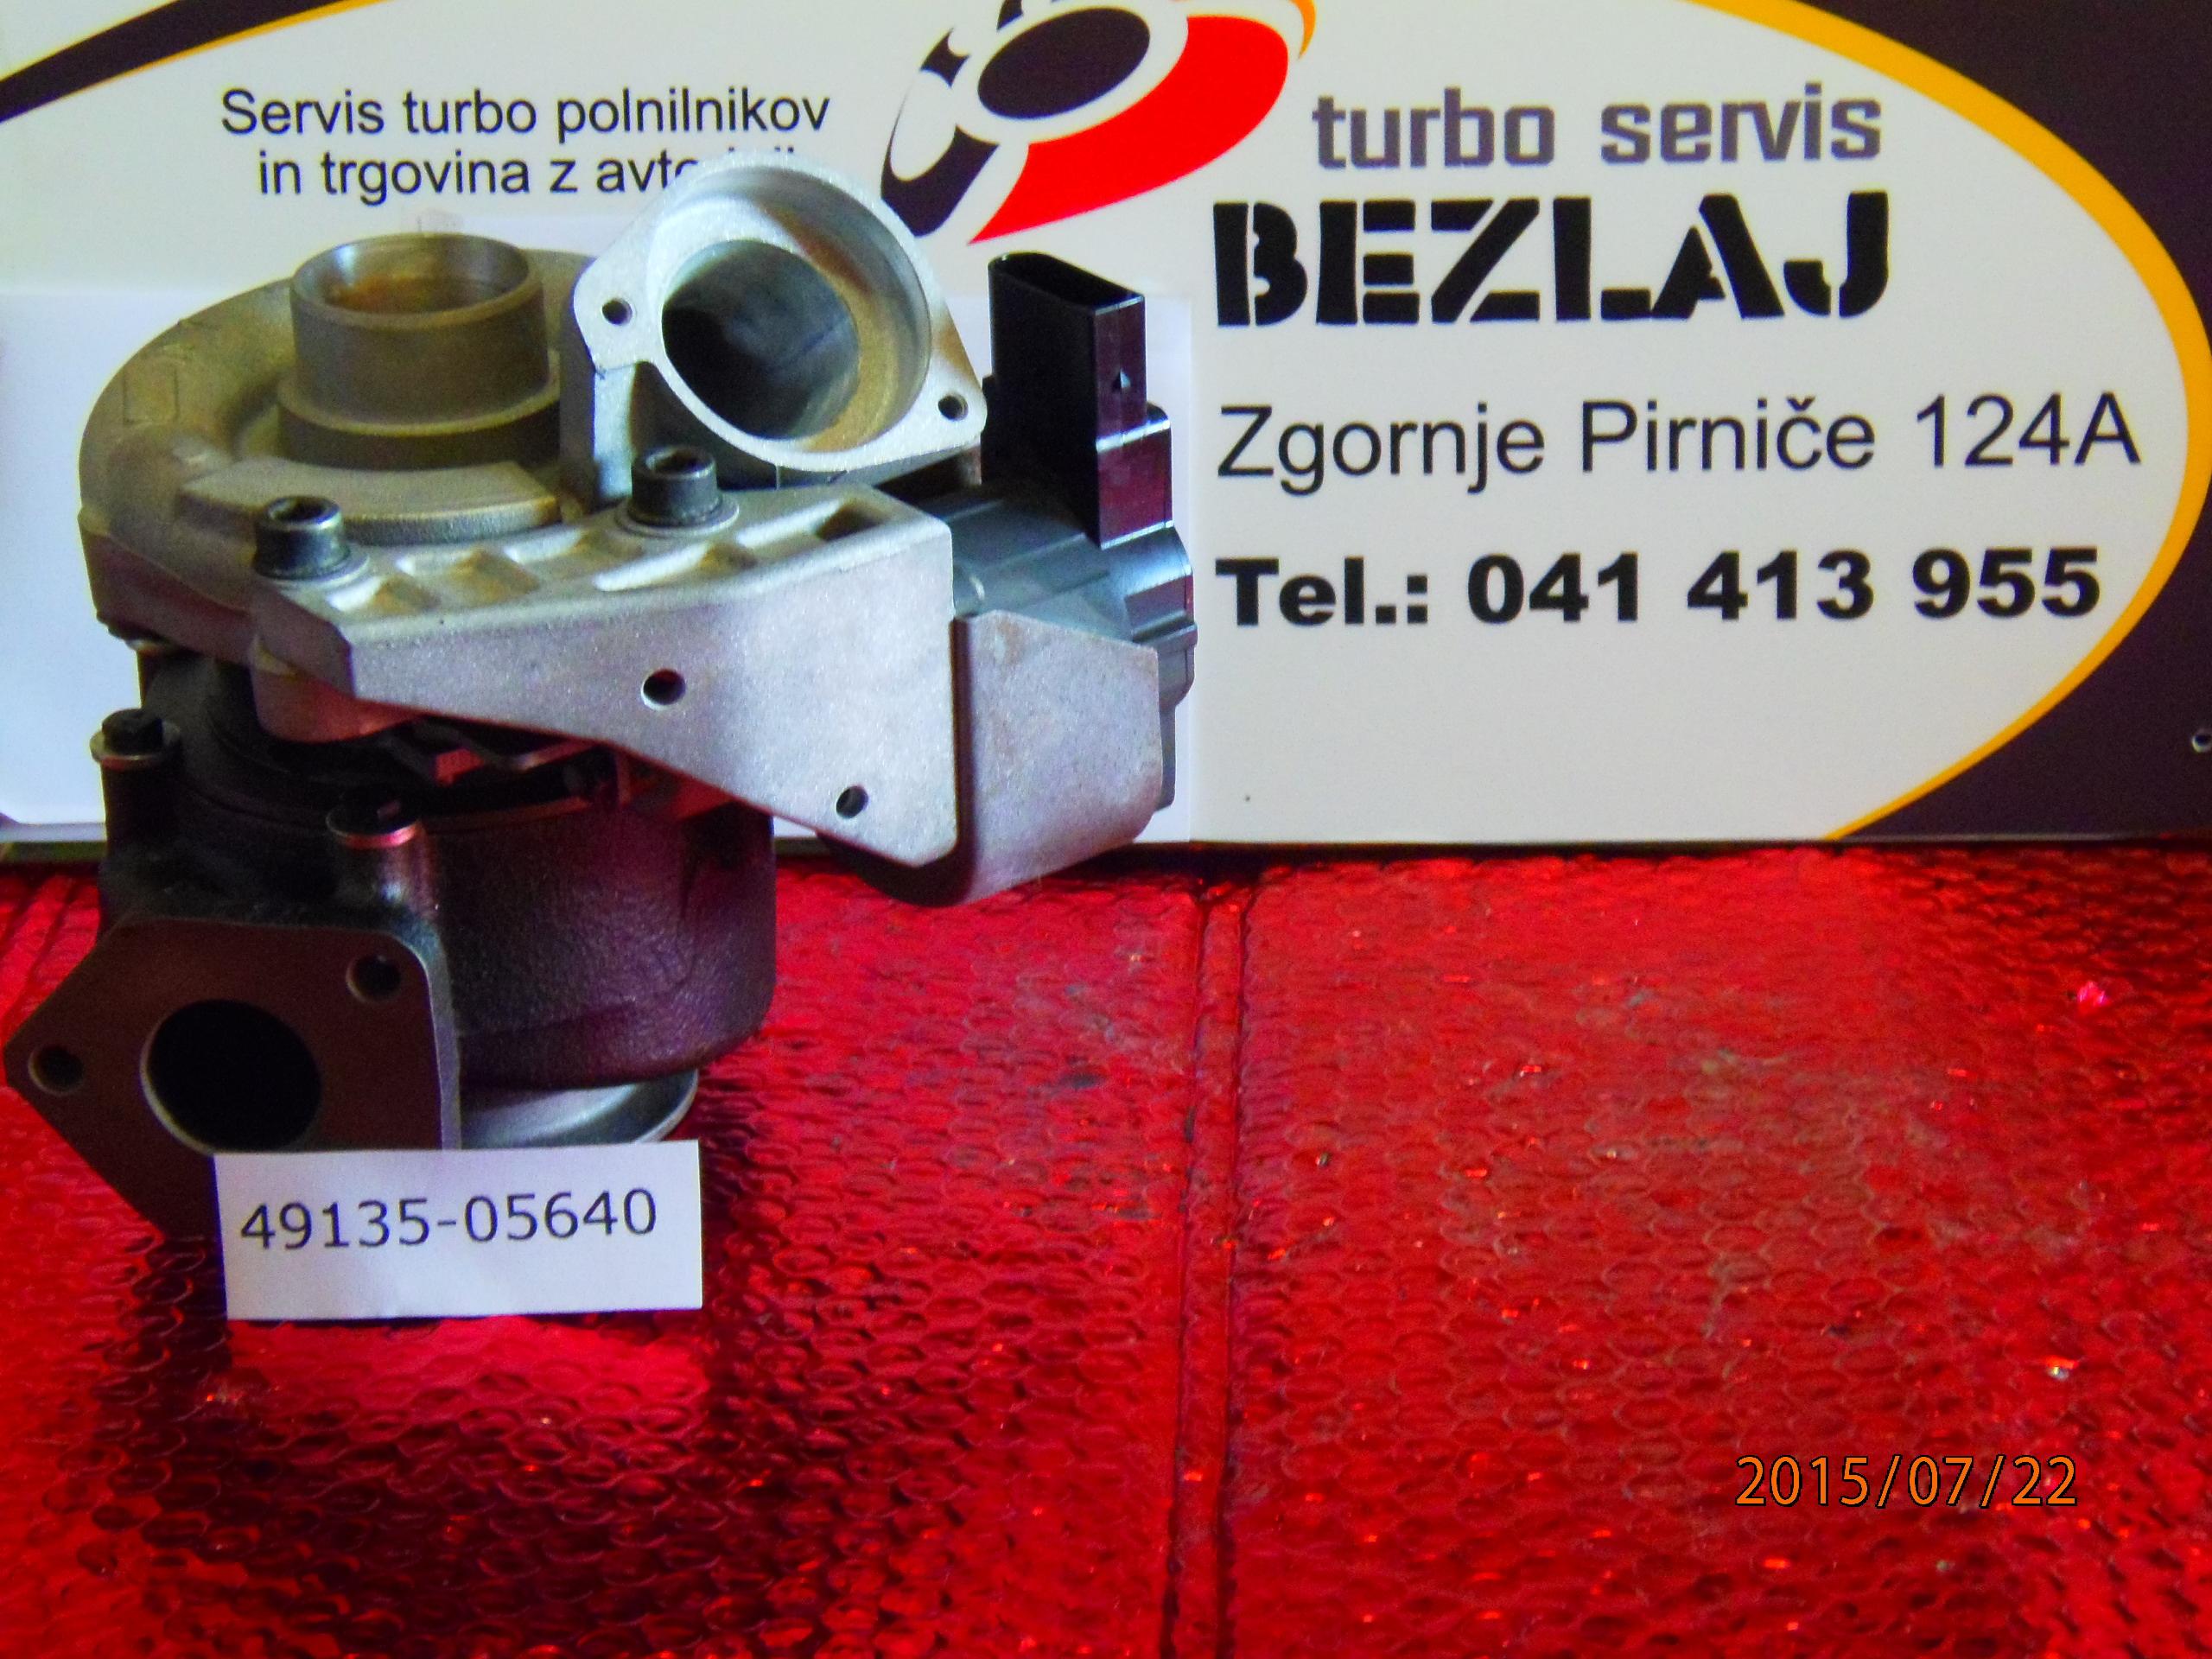 turbo49135-05640